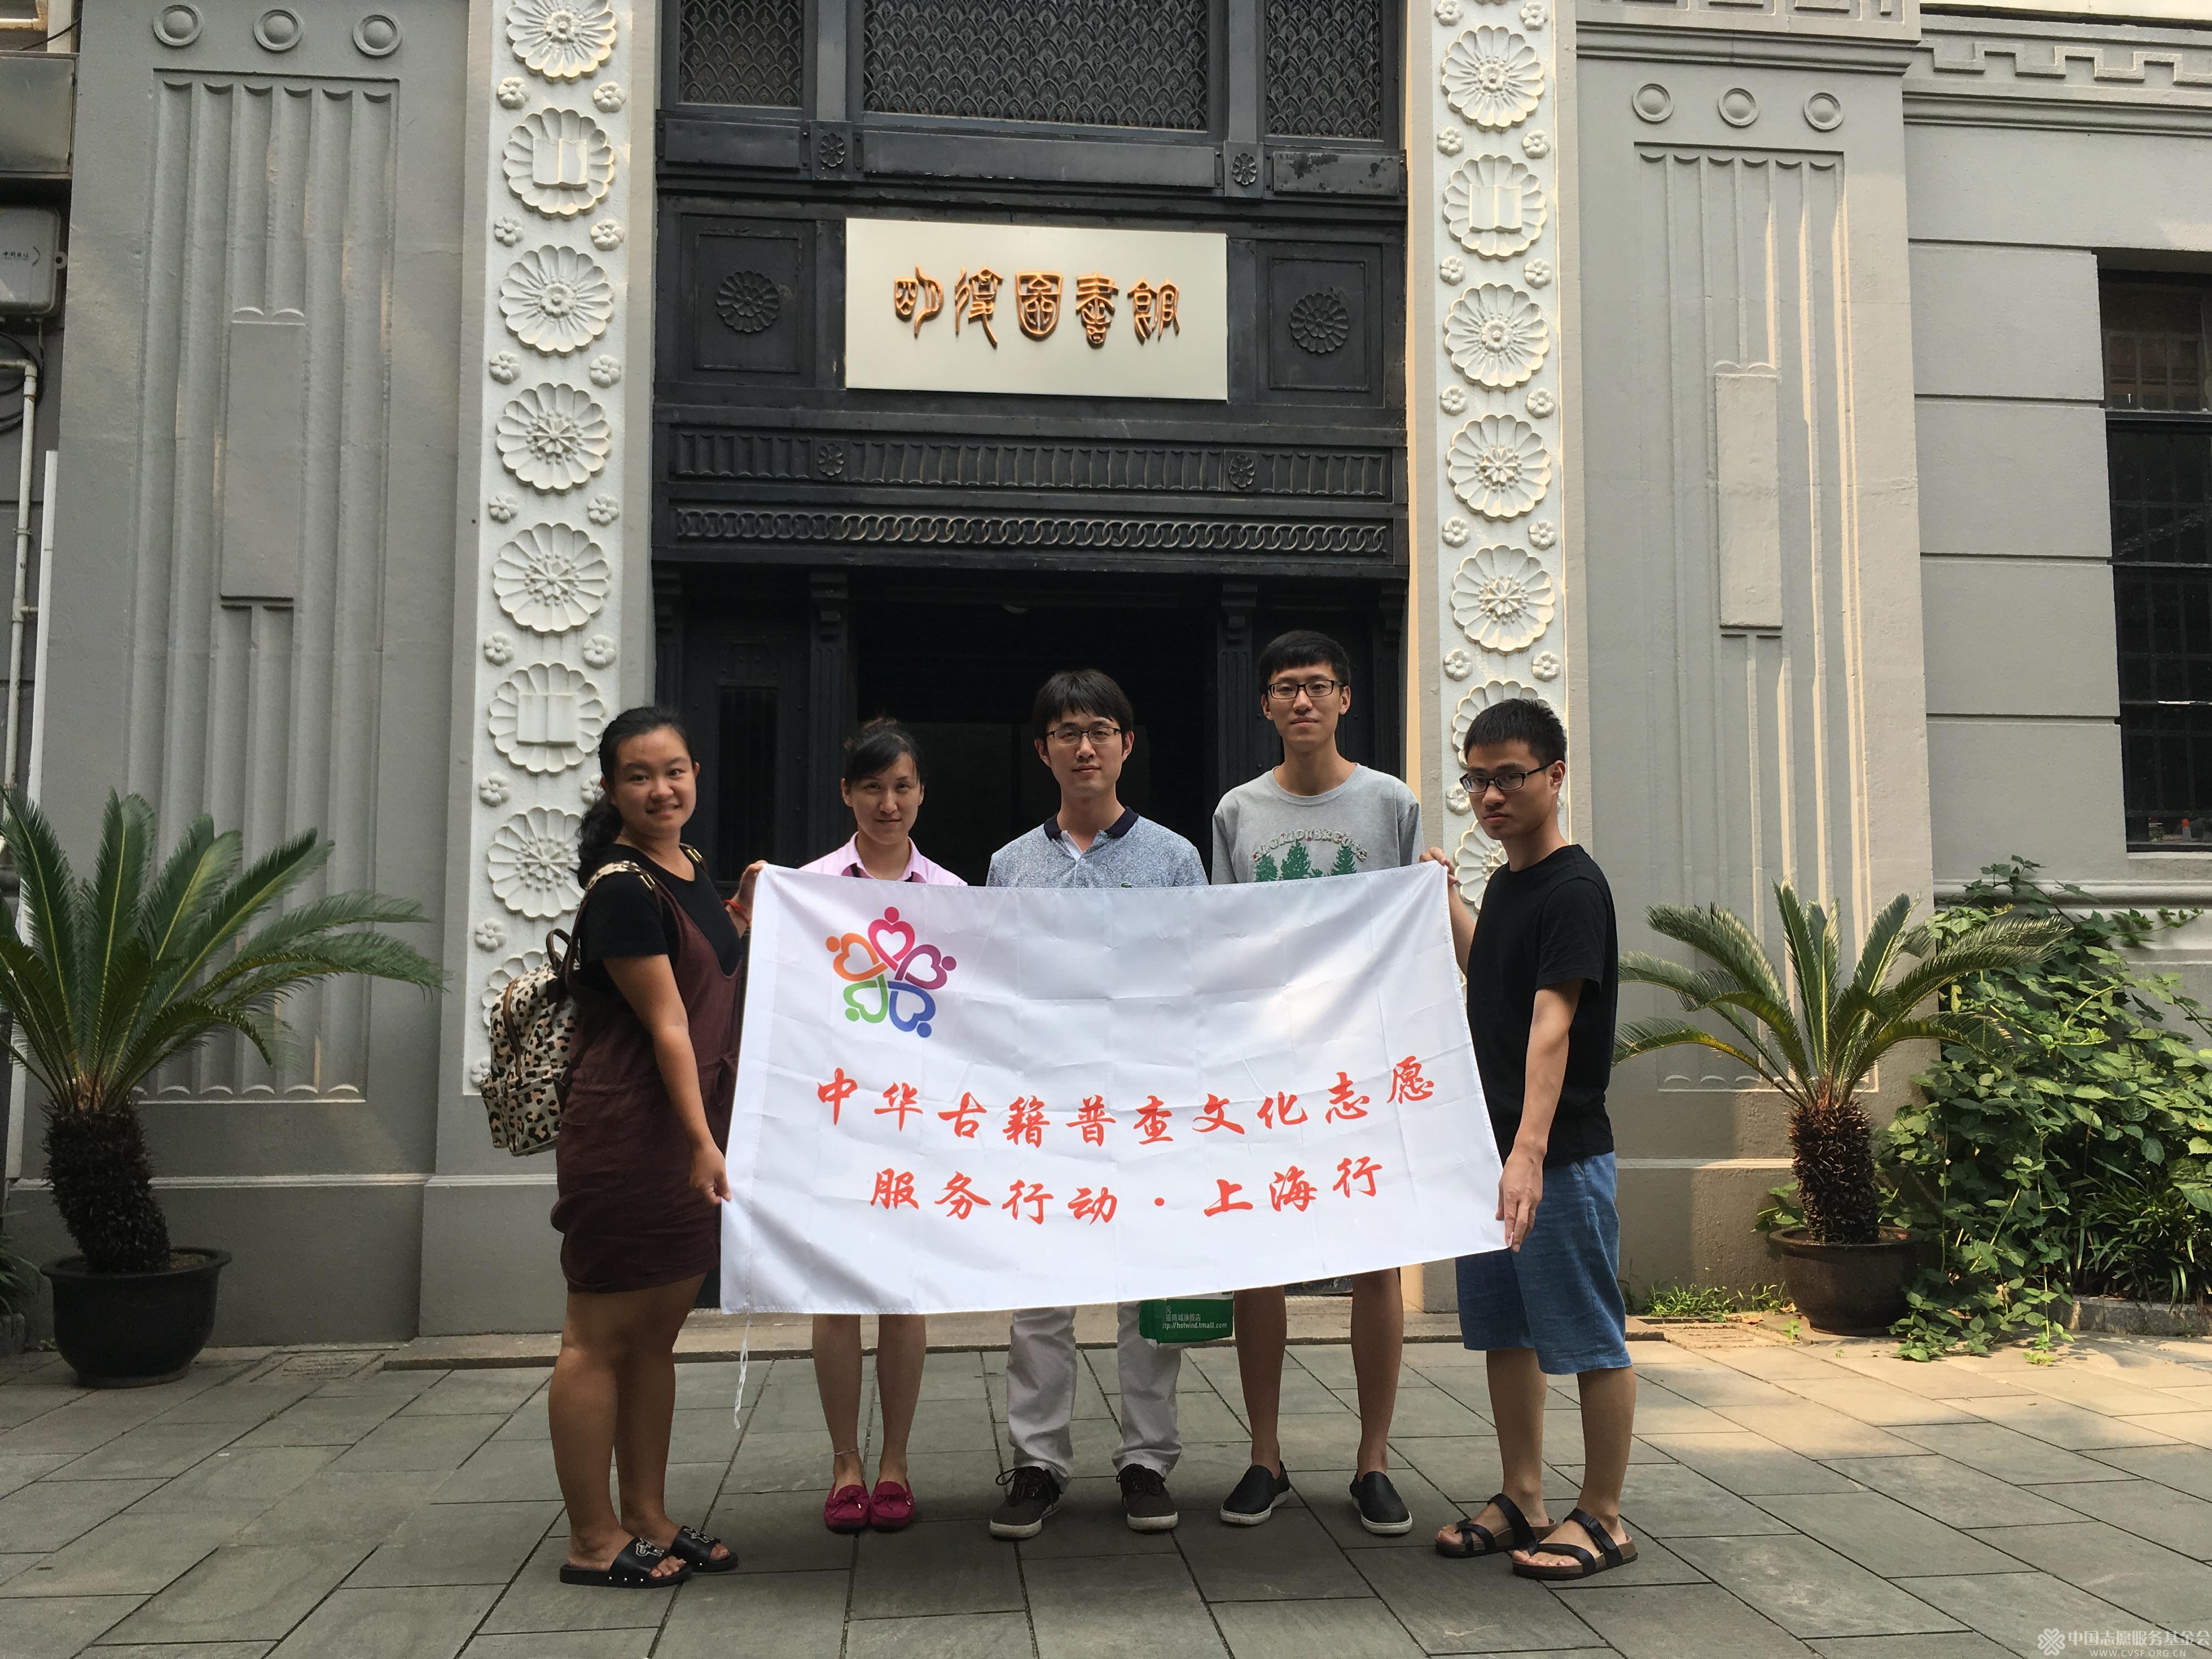 中华古籍普查文化志愿服务行动